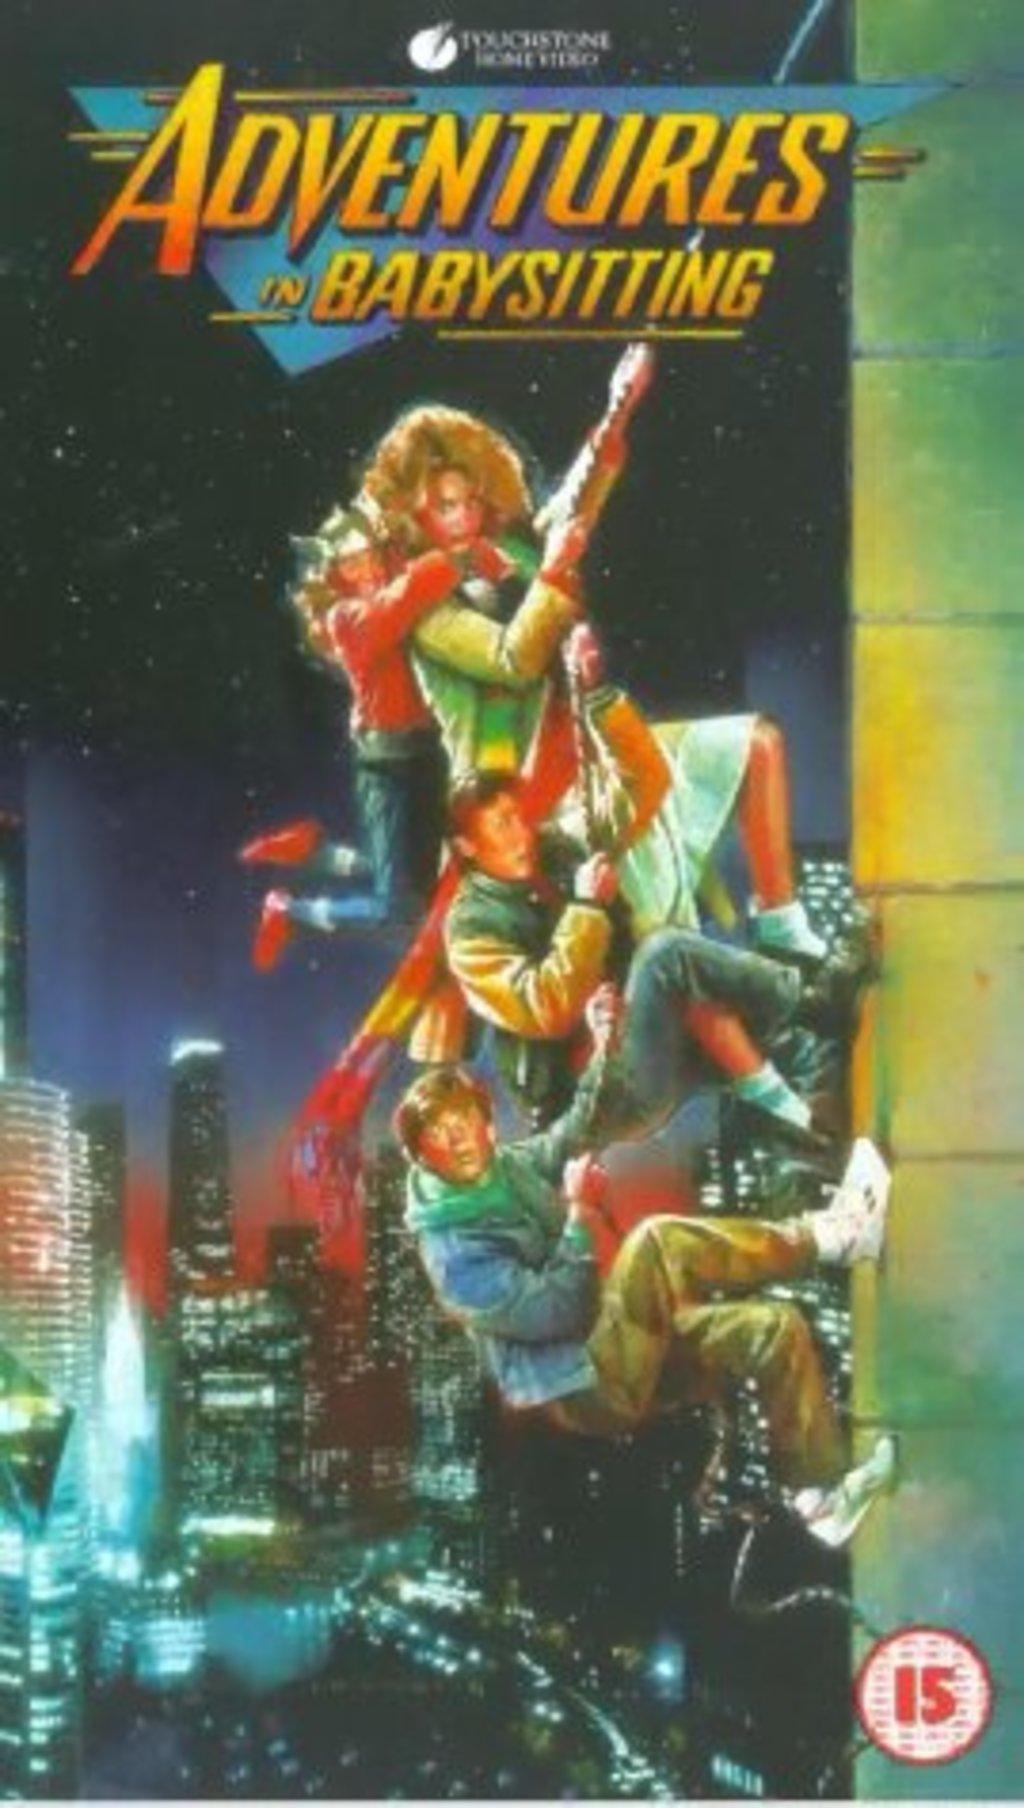 watch adventures in babysitting on netflix today com adventures in babysitting movie still 4